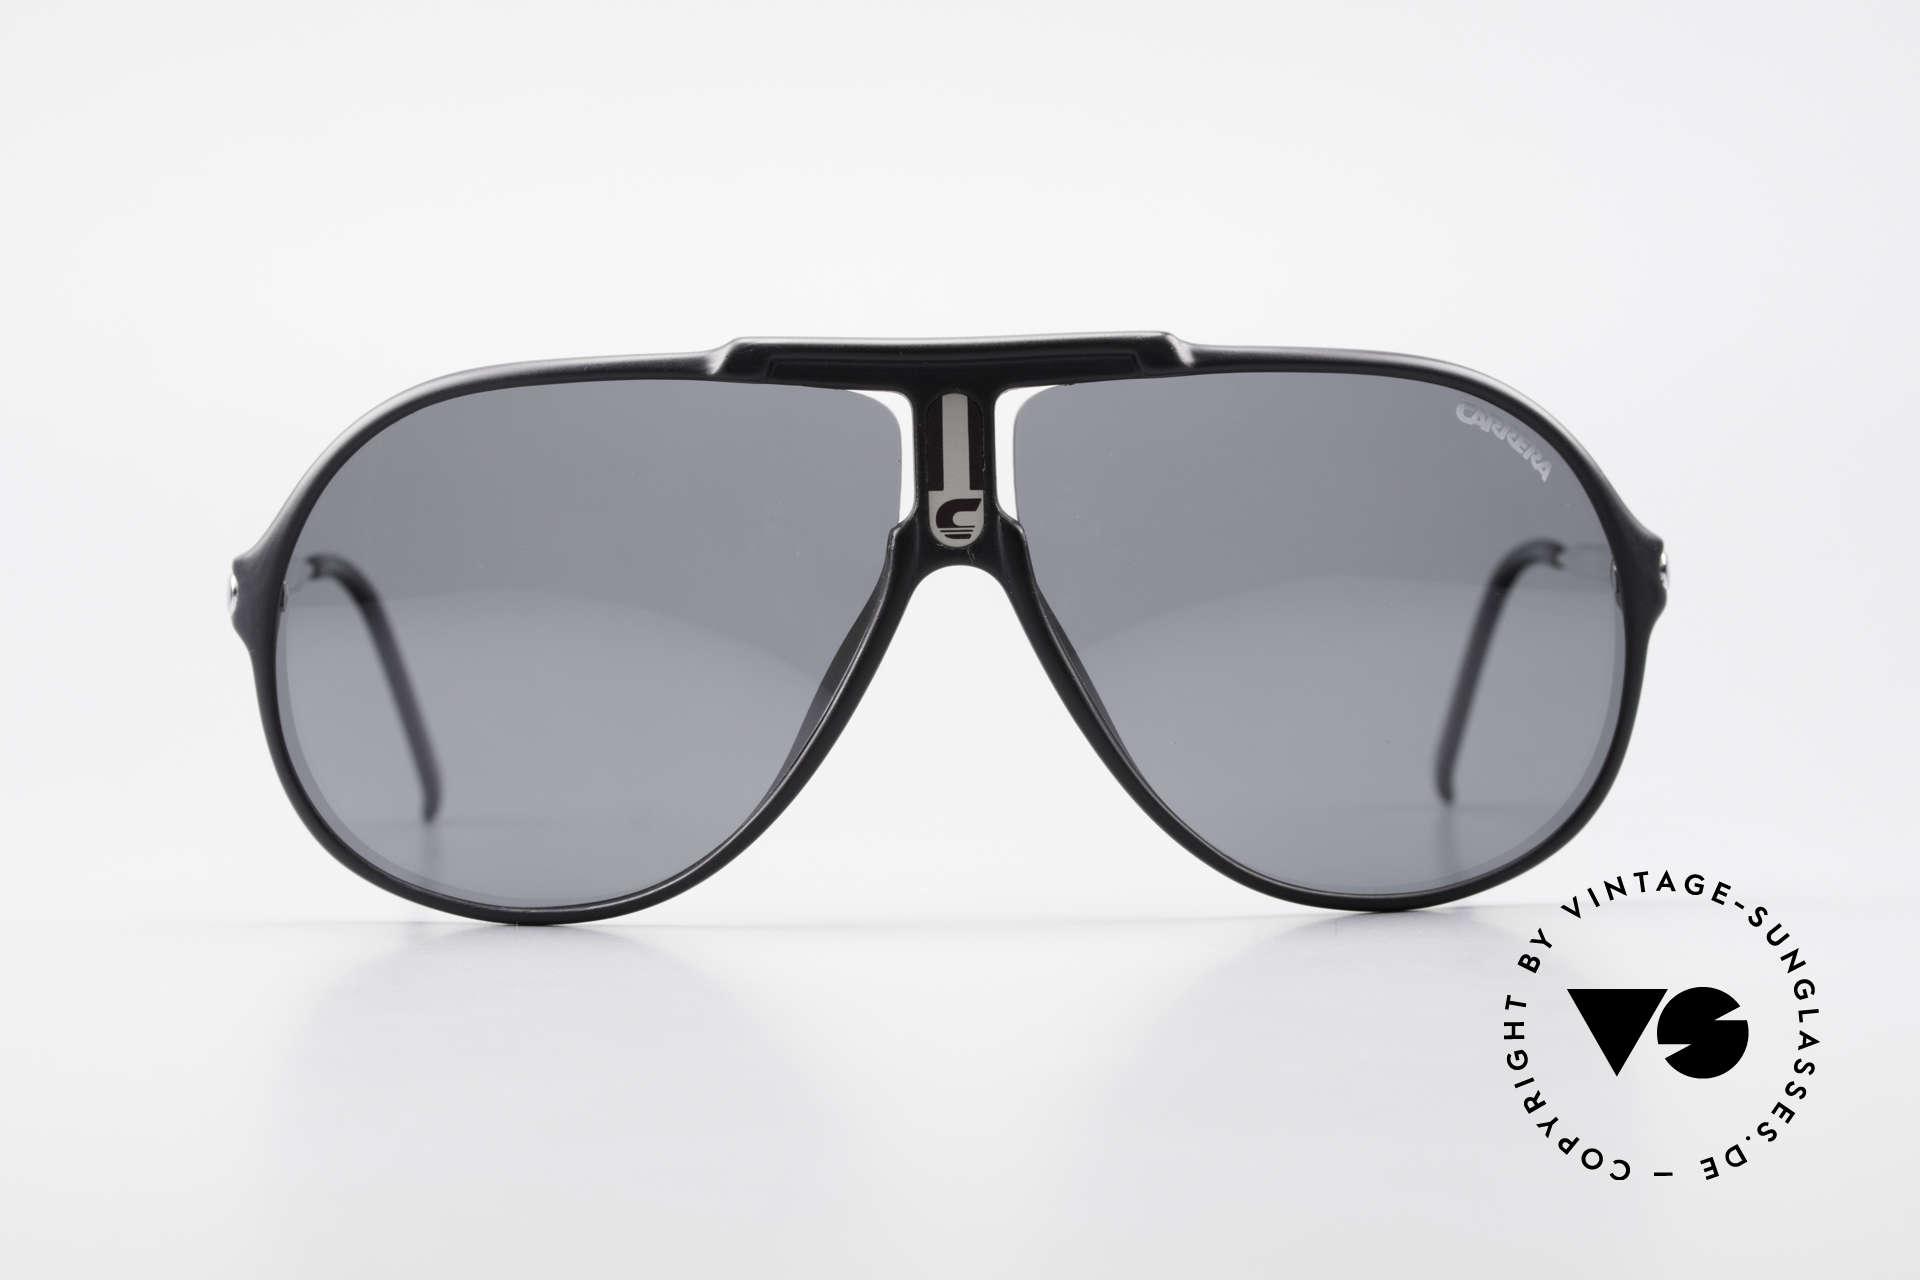 Carrera 5590 Polarisierende Sonnenbrille, aus extrem robusten und langlebigen OPTYL-Material, Passend für Herren